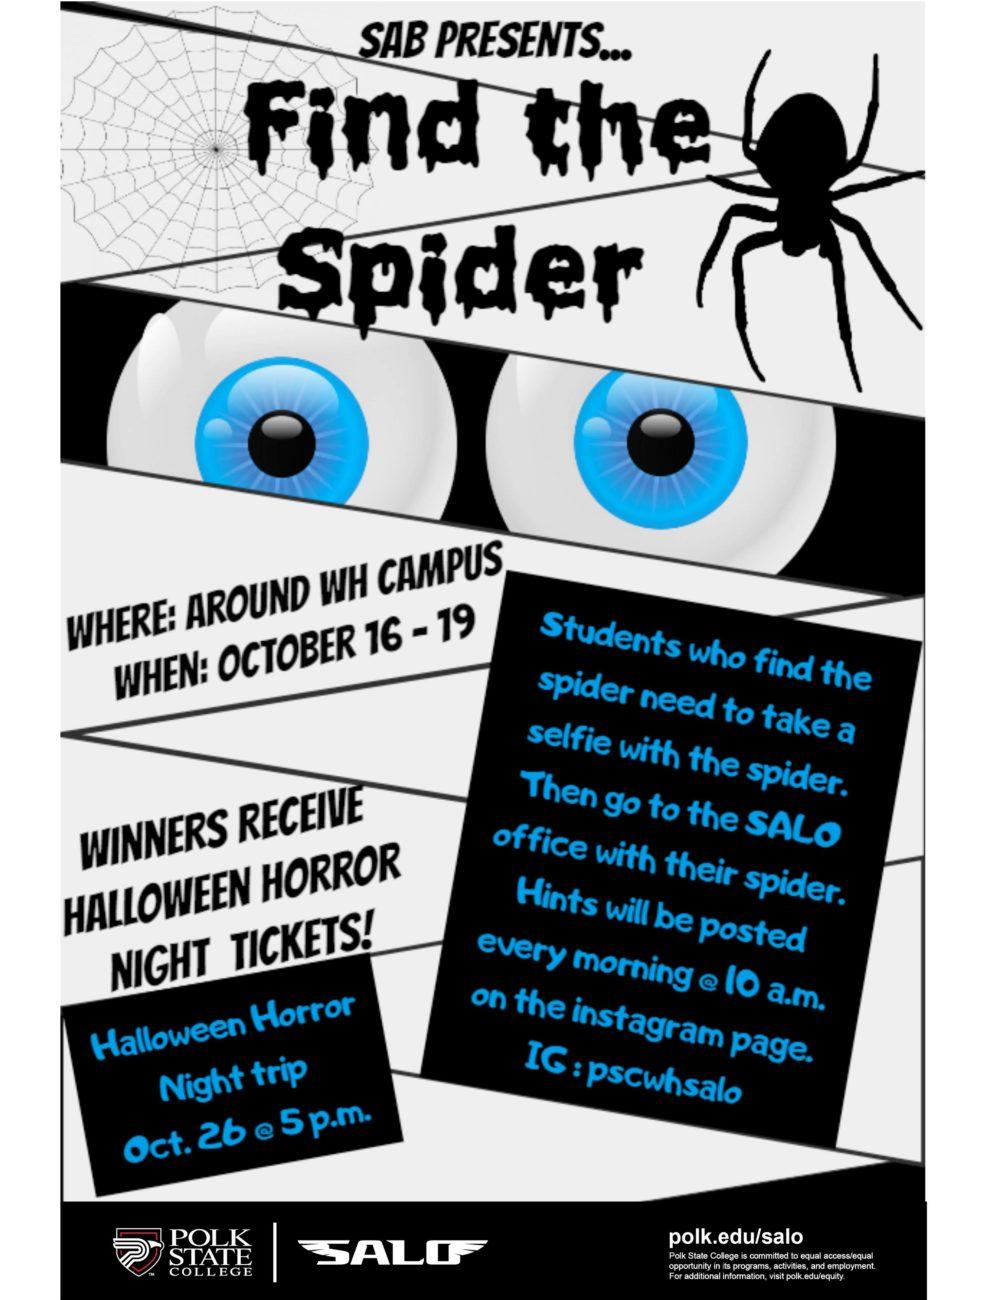 Polk State College SALO Halloween Horror Week: Find the Spider ...